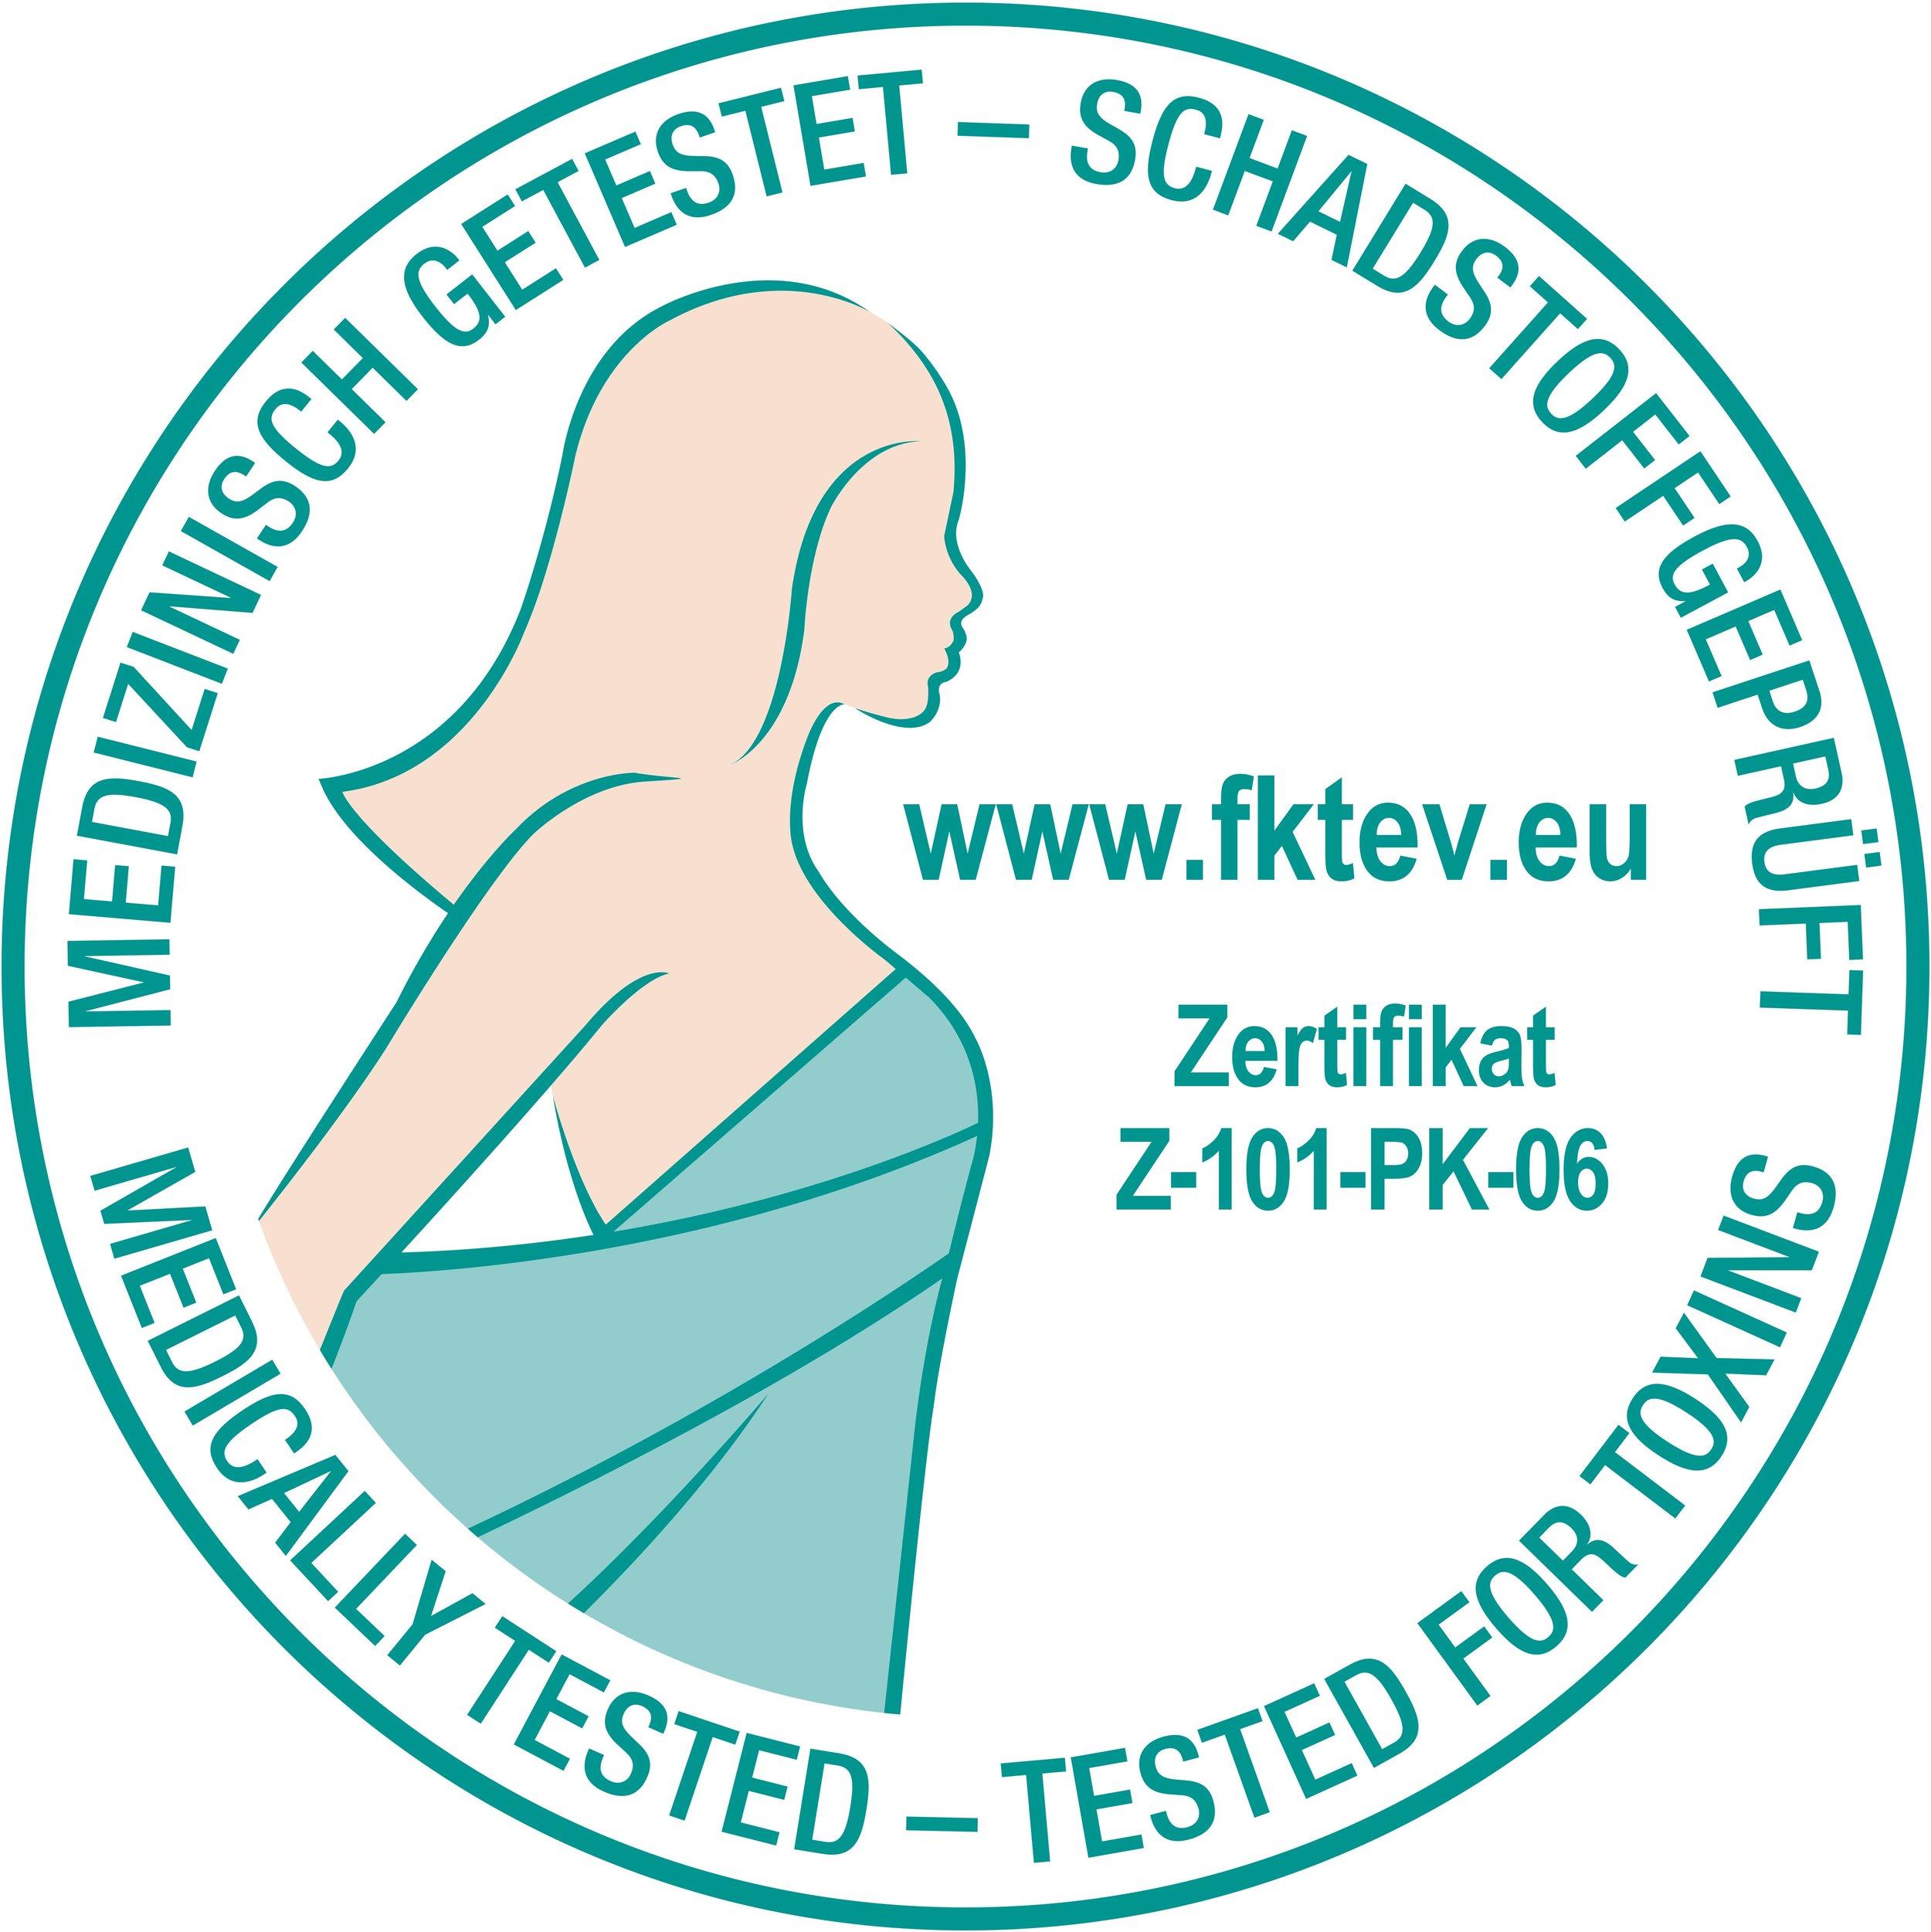 M&A - medically tested logo.jpg